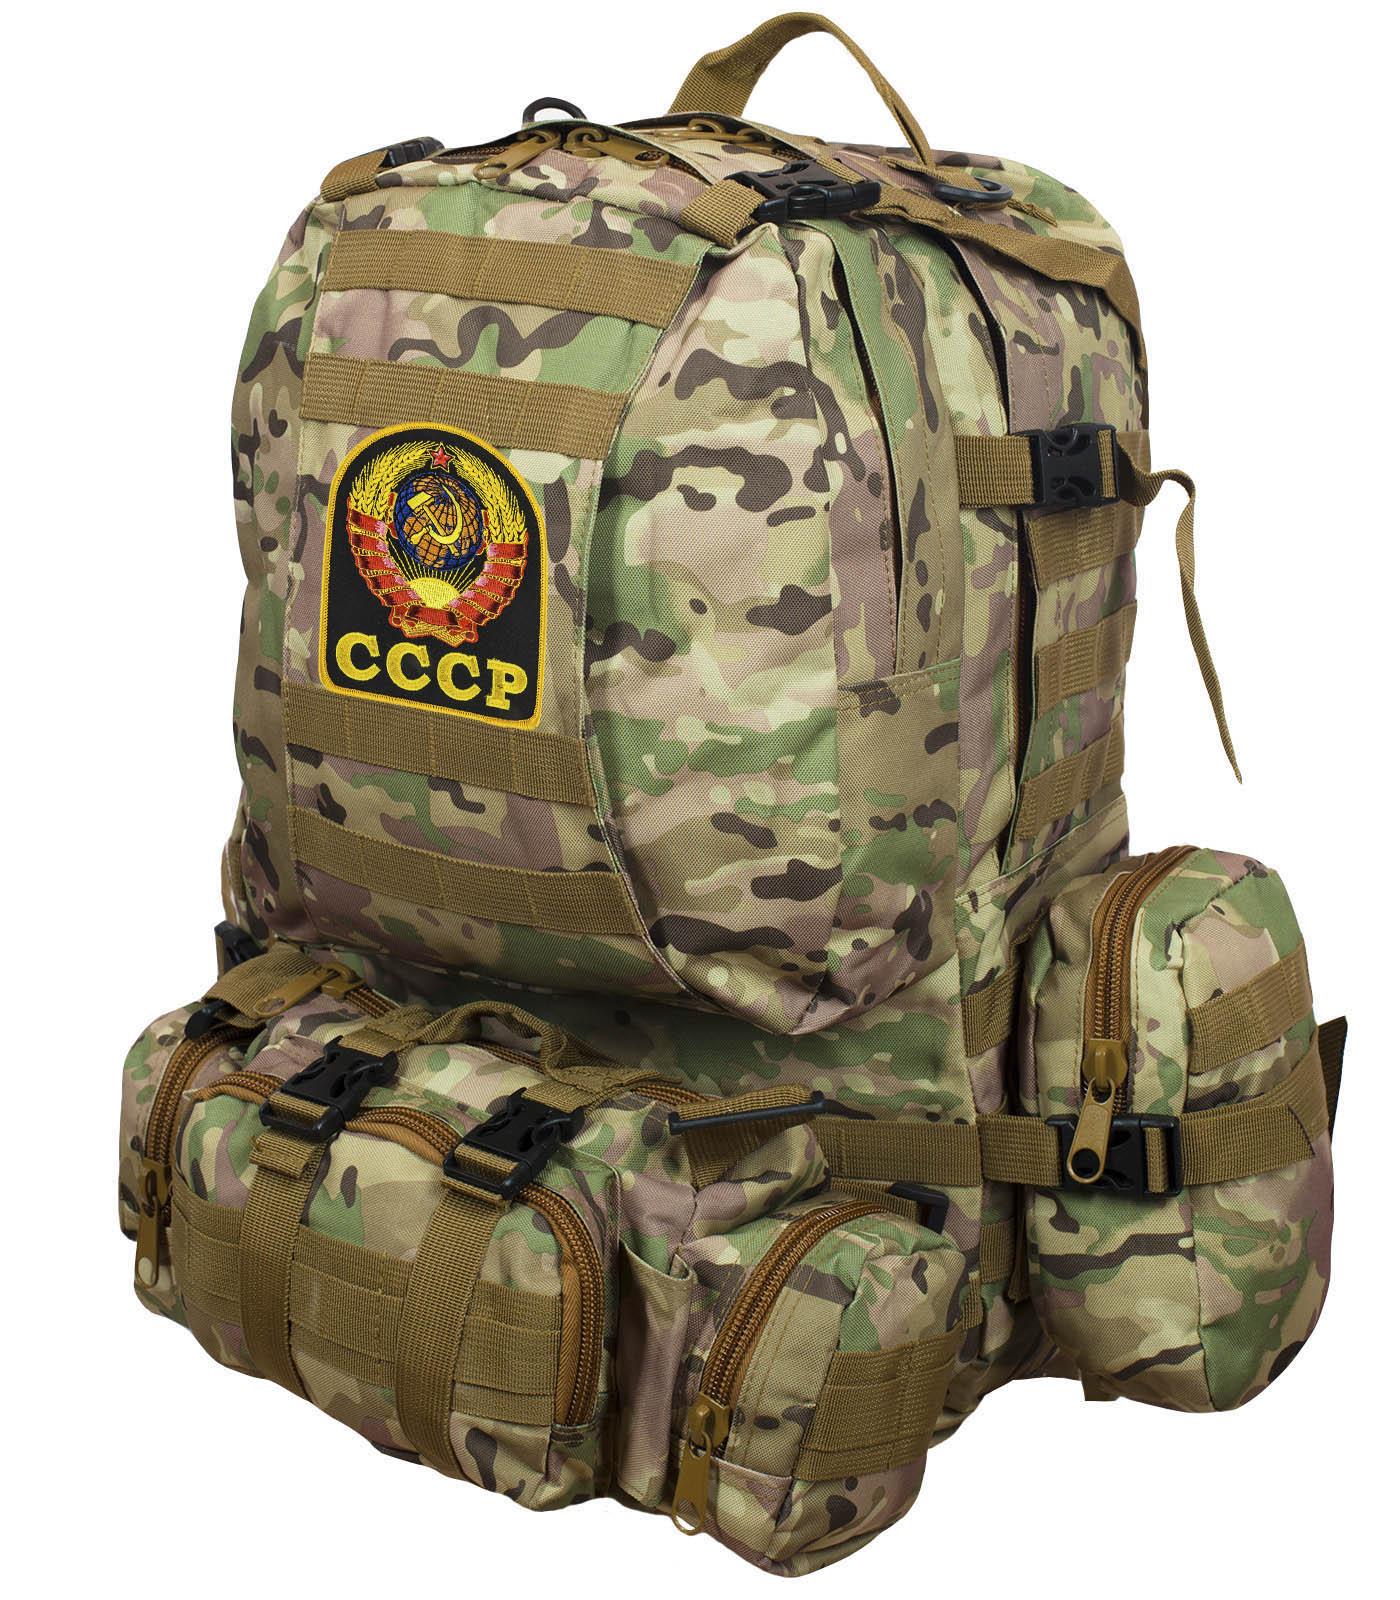 Рюкзак US Assault Pack Multicam с эмблемой СССР заказать в Военпро